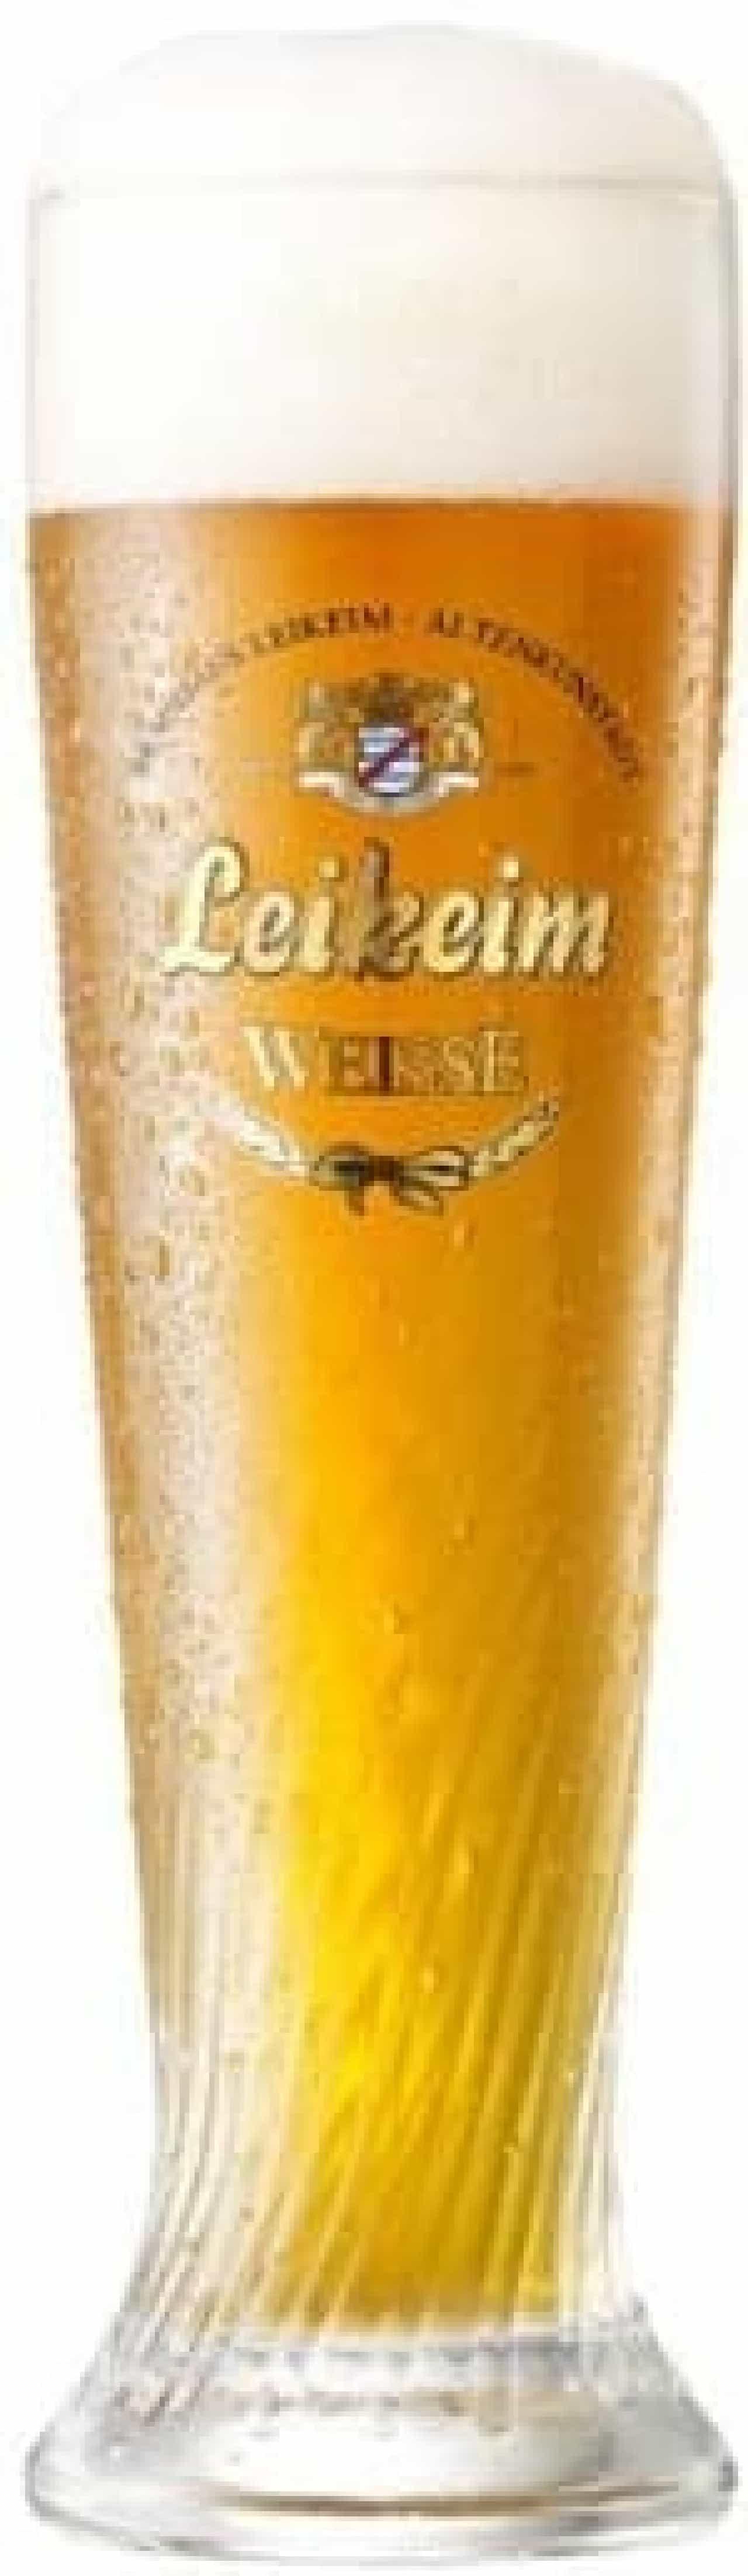 ドイツビールとドイツの料理で、乾杯